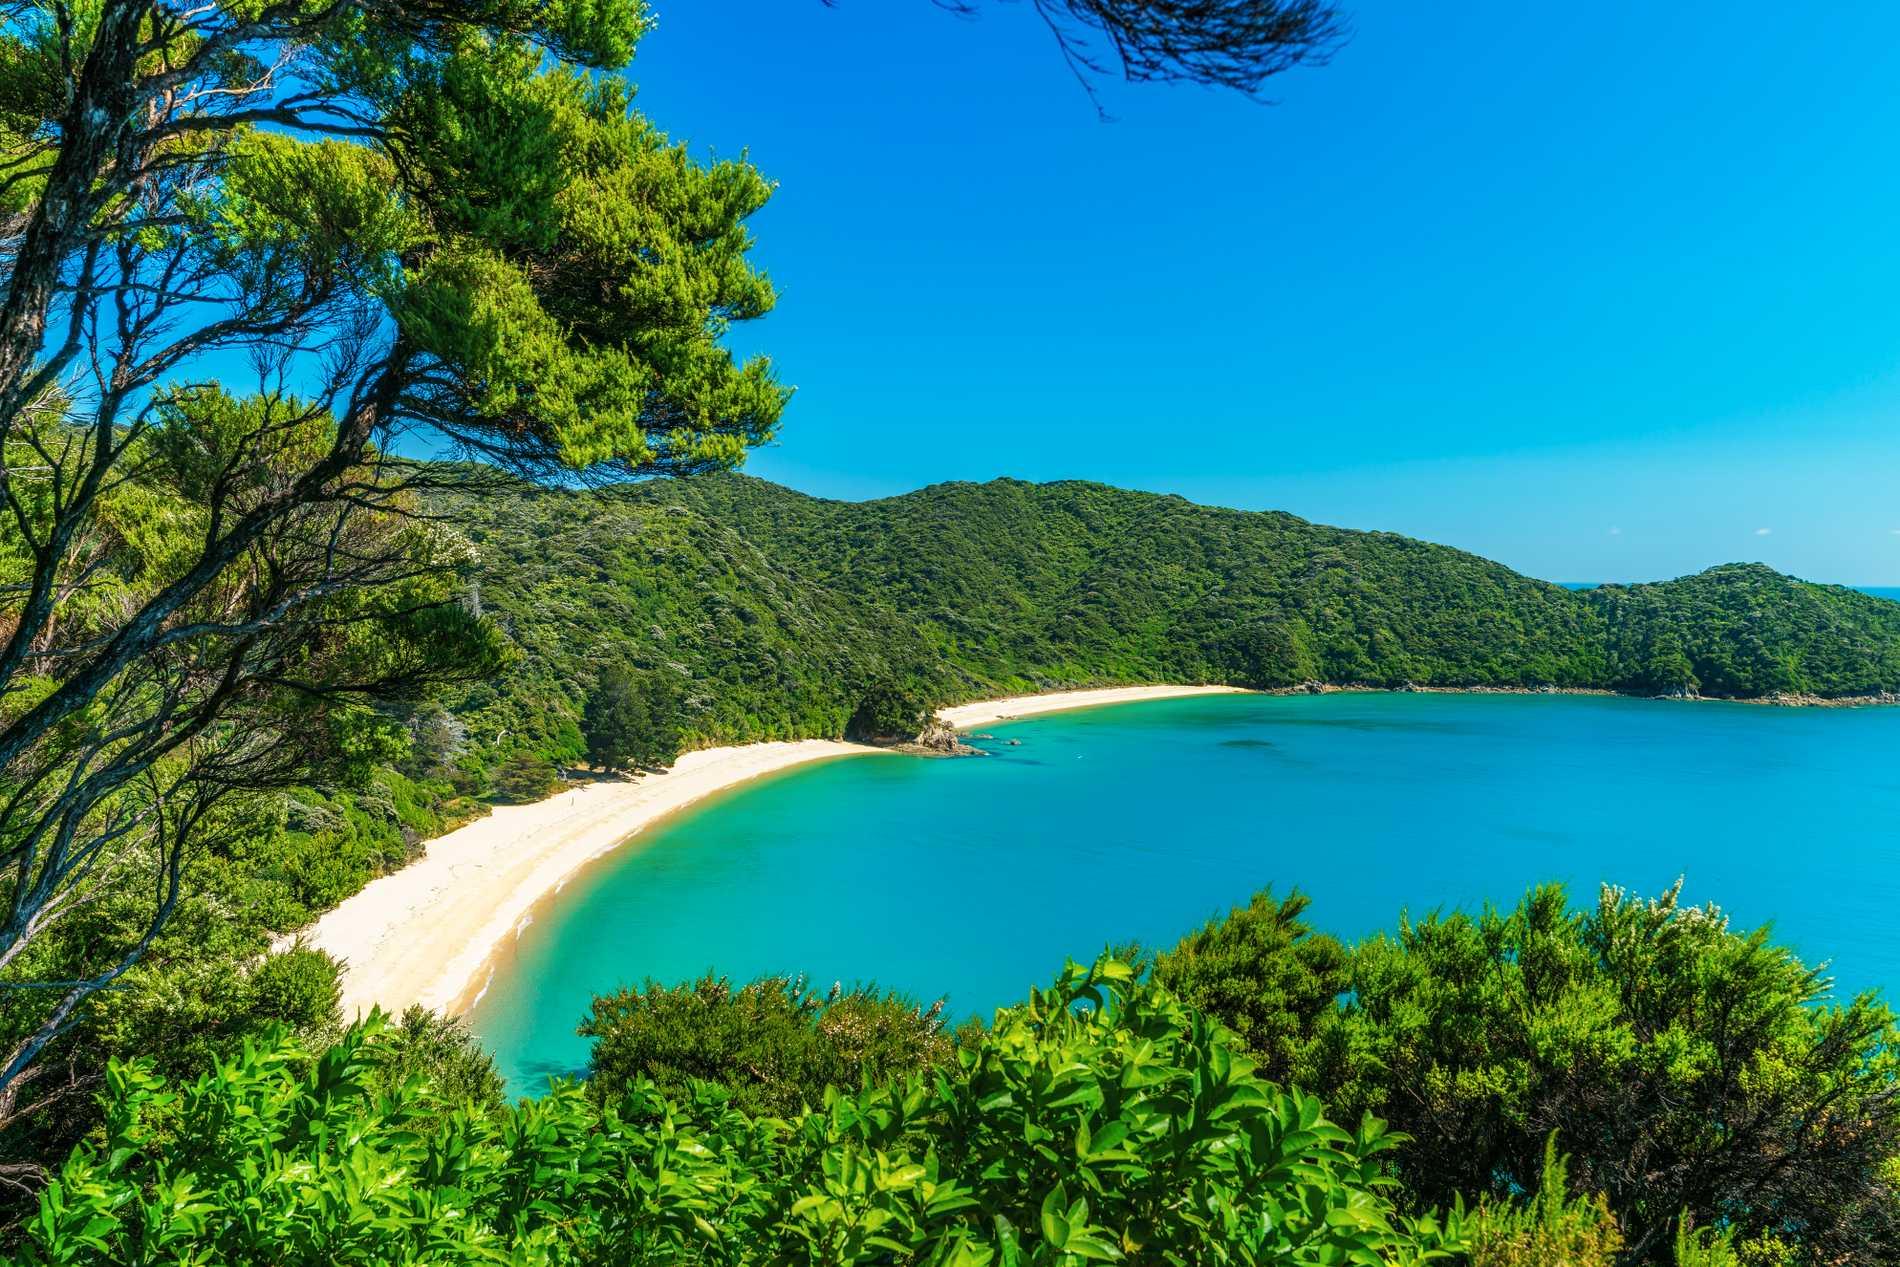 I Abel Tasman national park finns det vackra stränder och klart vatten.